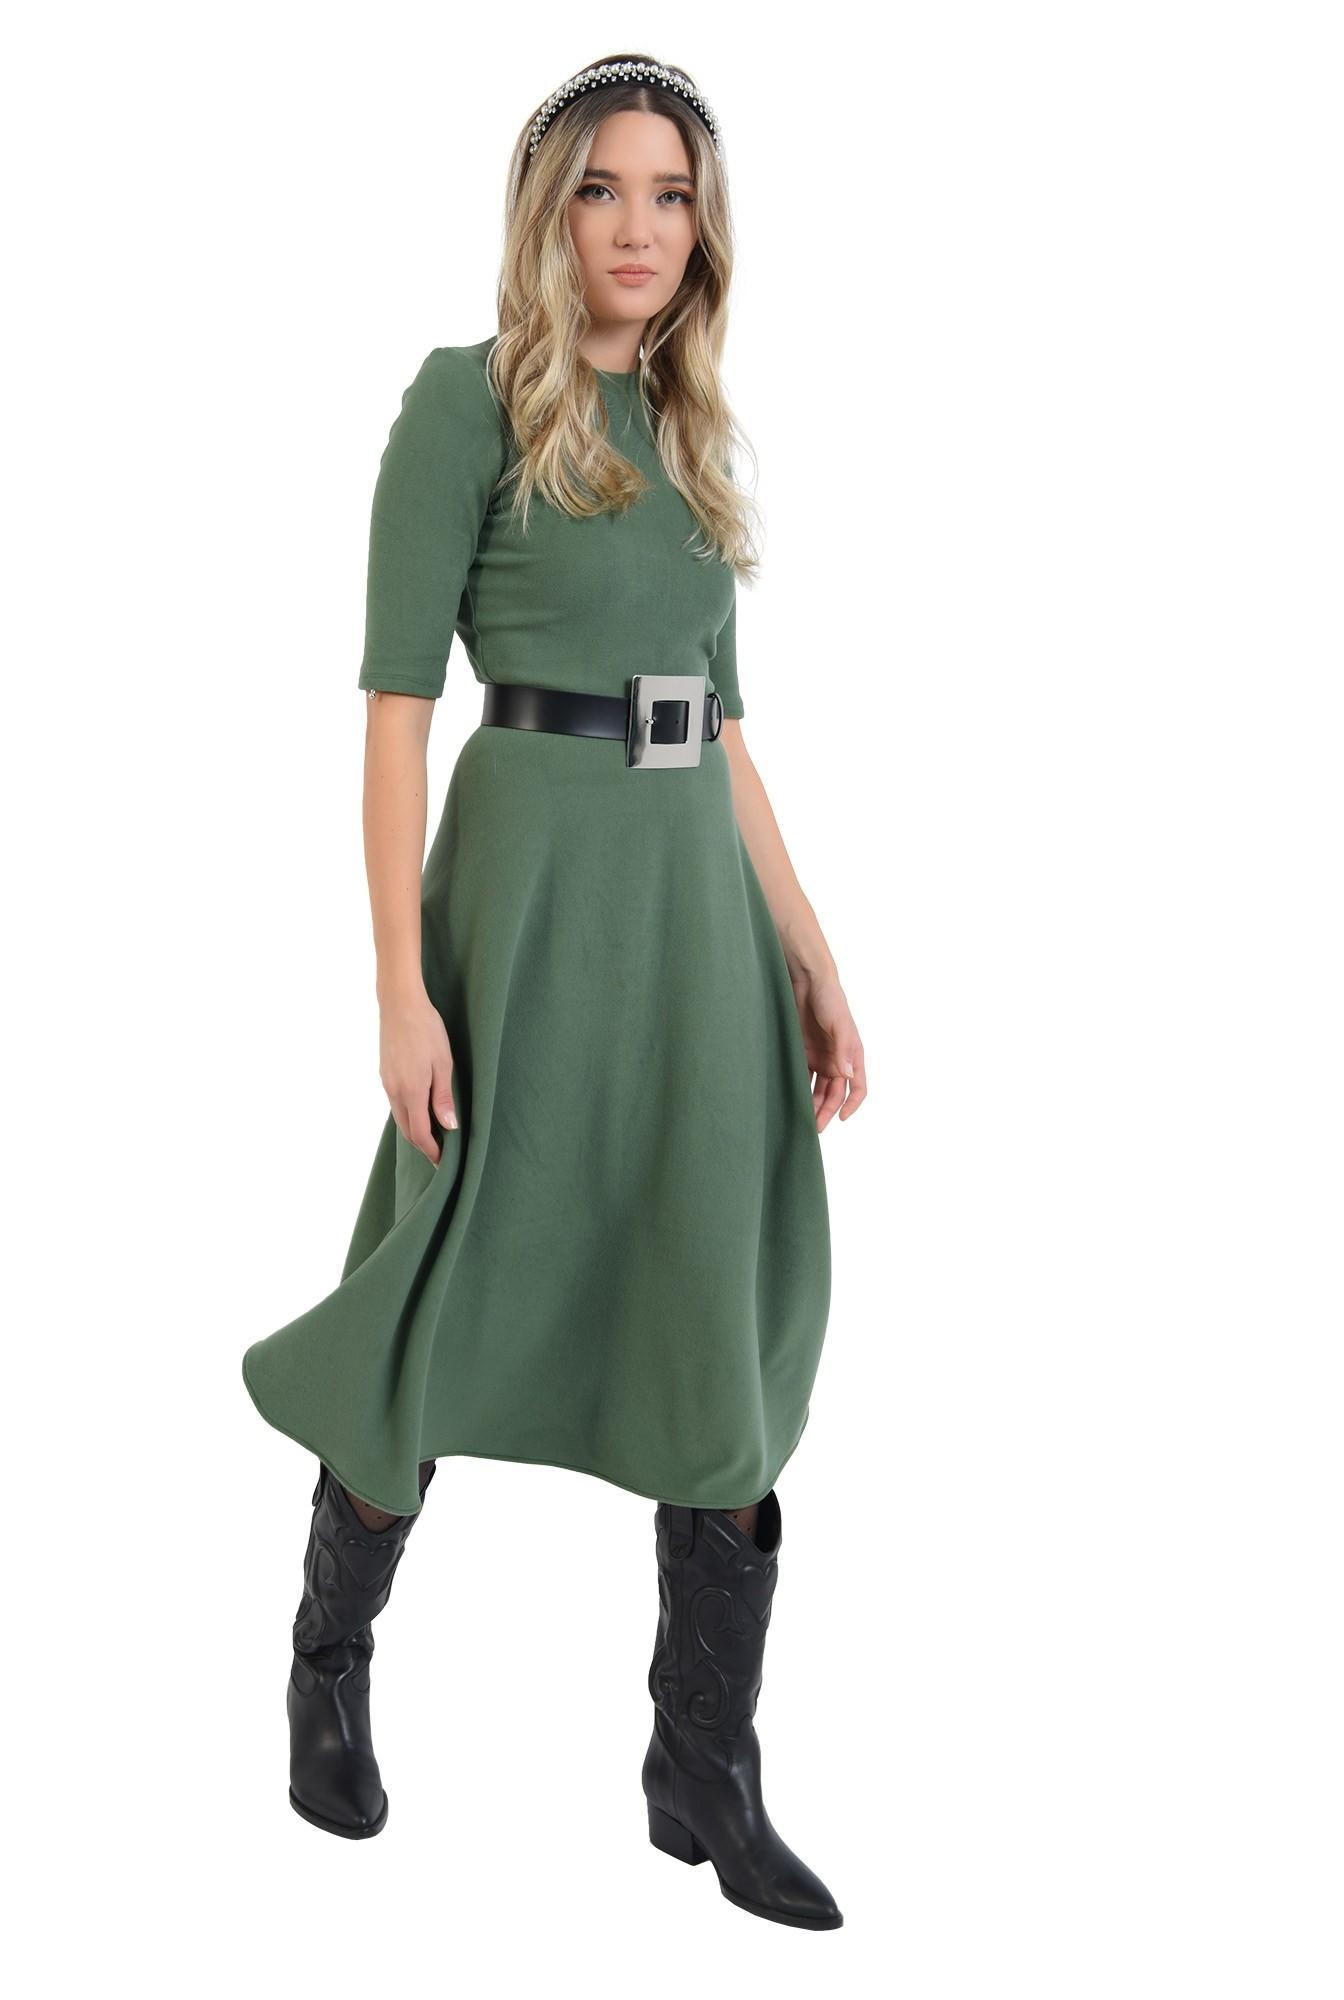 3 - 360 - rochie midi, verde, din jerseu, cu guler